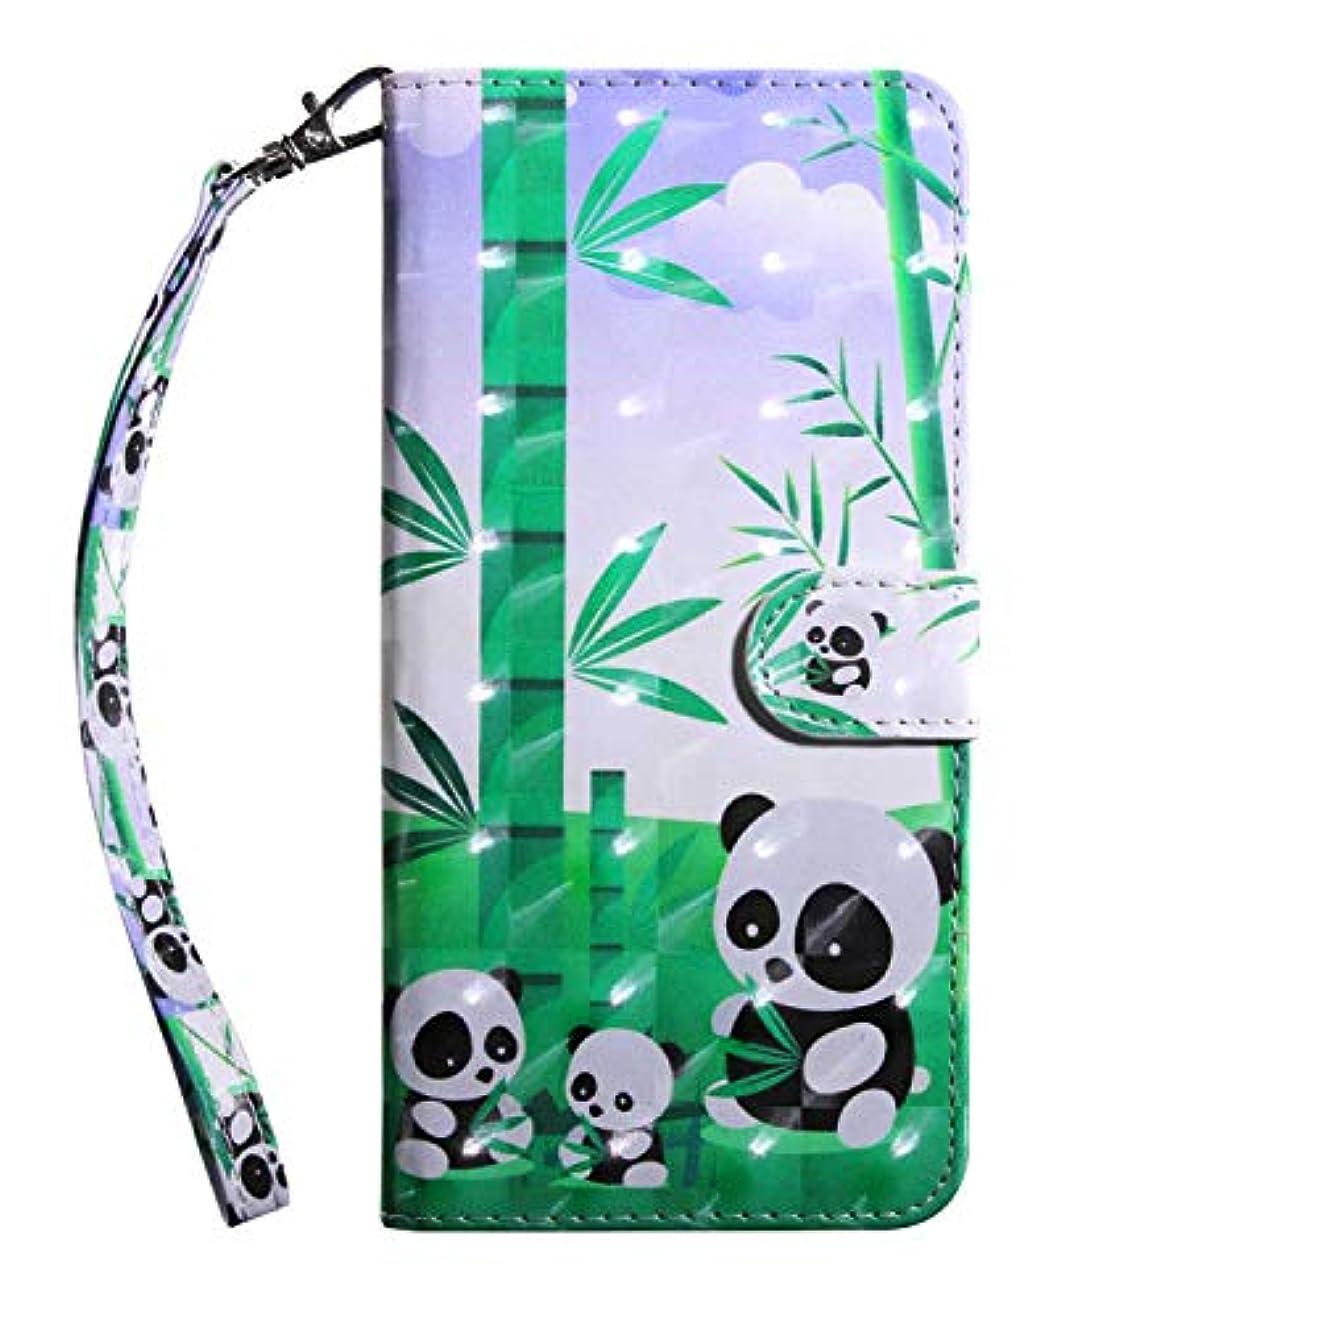 若さ高齢者既にCUSKING Sony Xperia L1 ケース 手帳型 財布型カバー Sony Xperia L1 スマホカバー 磁気バックル カード収納 スタンド機能 エクスペリア レザーケース –パンダ